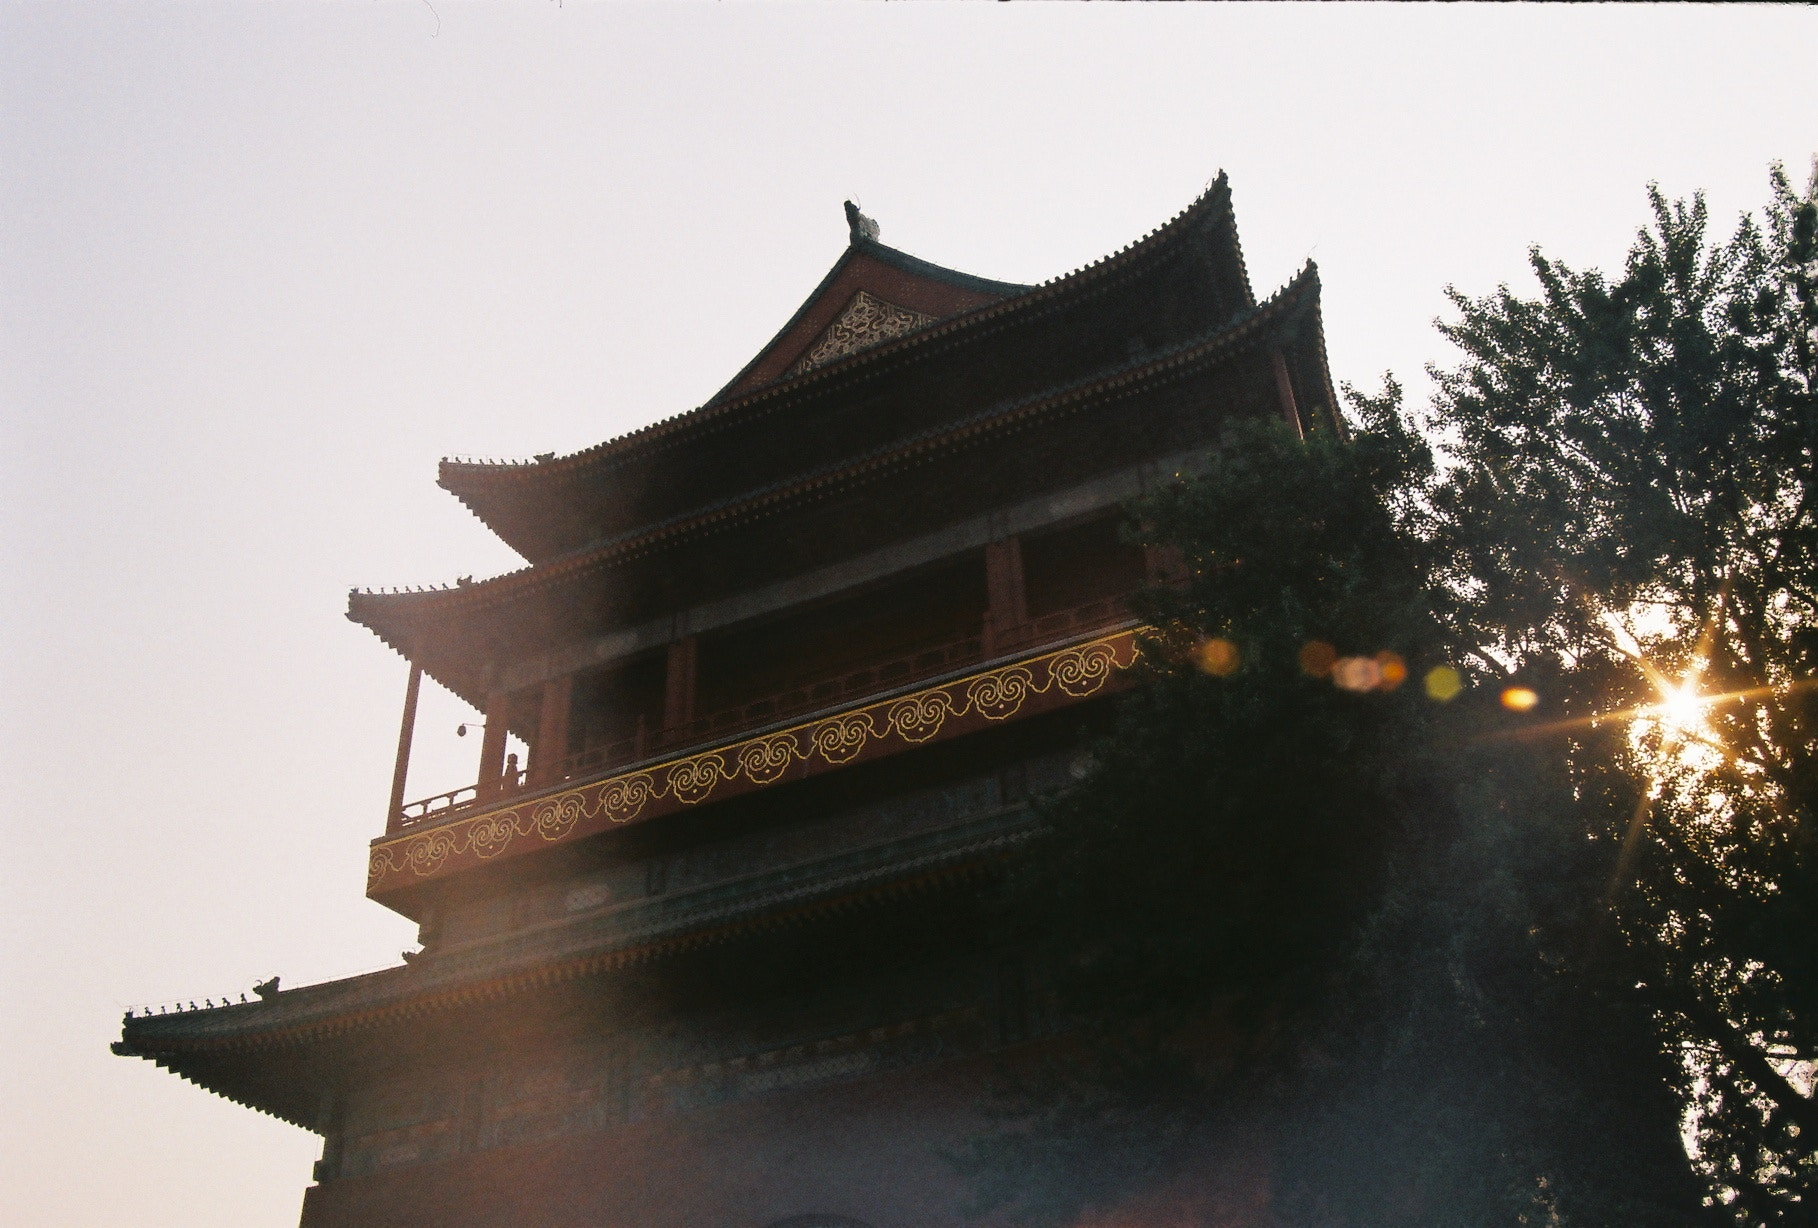 yolanda-sun-40674-unsplash.jpg